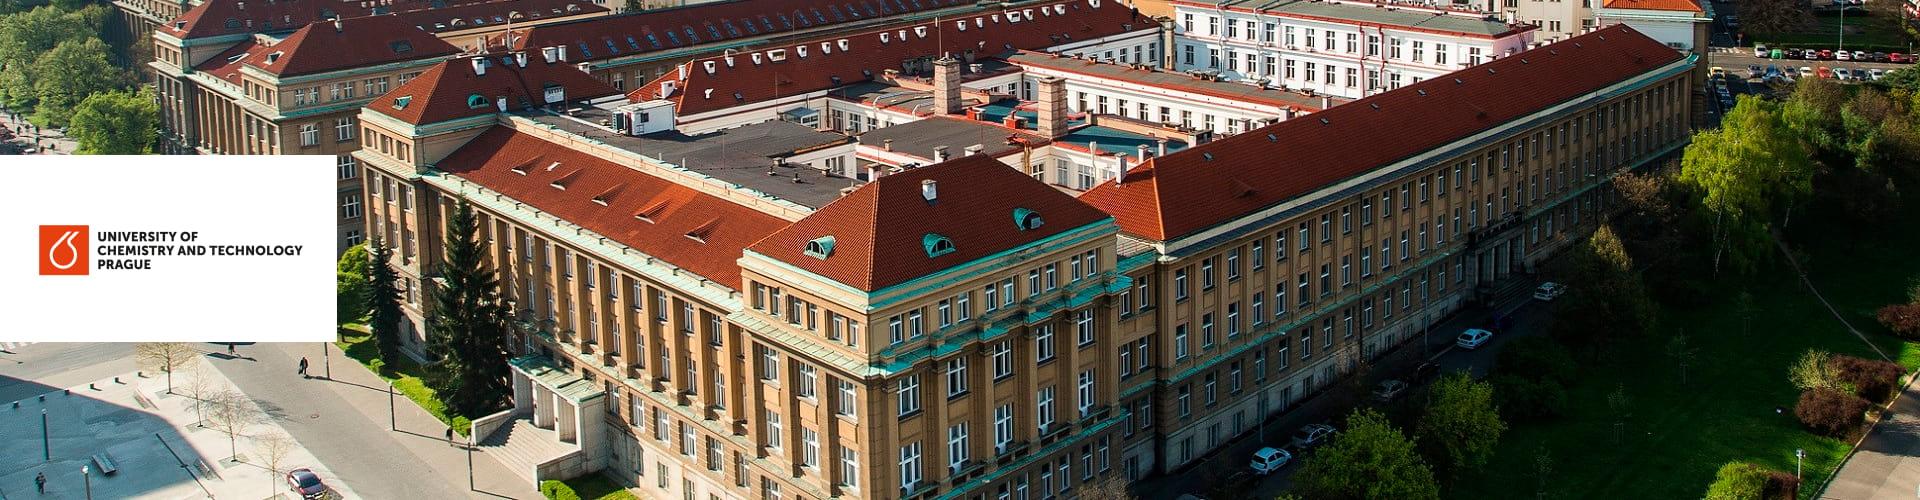 Химико-технологический Университет eurostydy